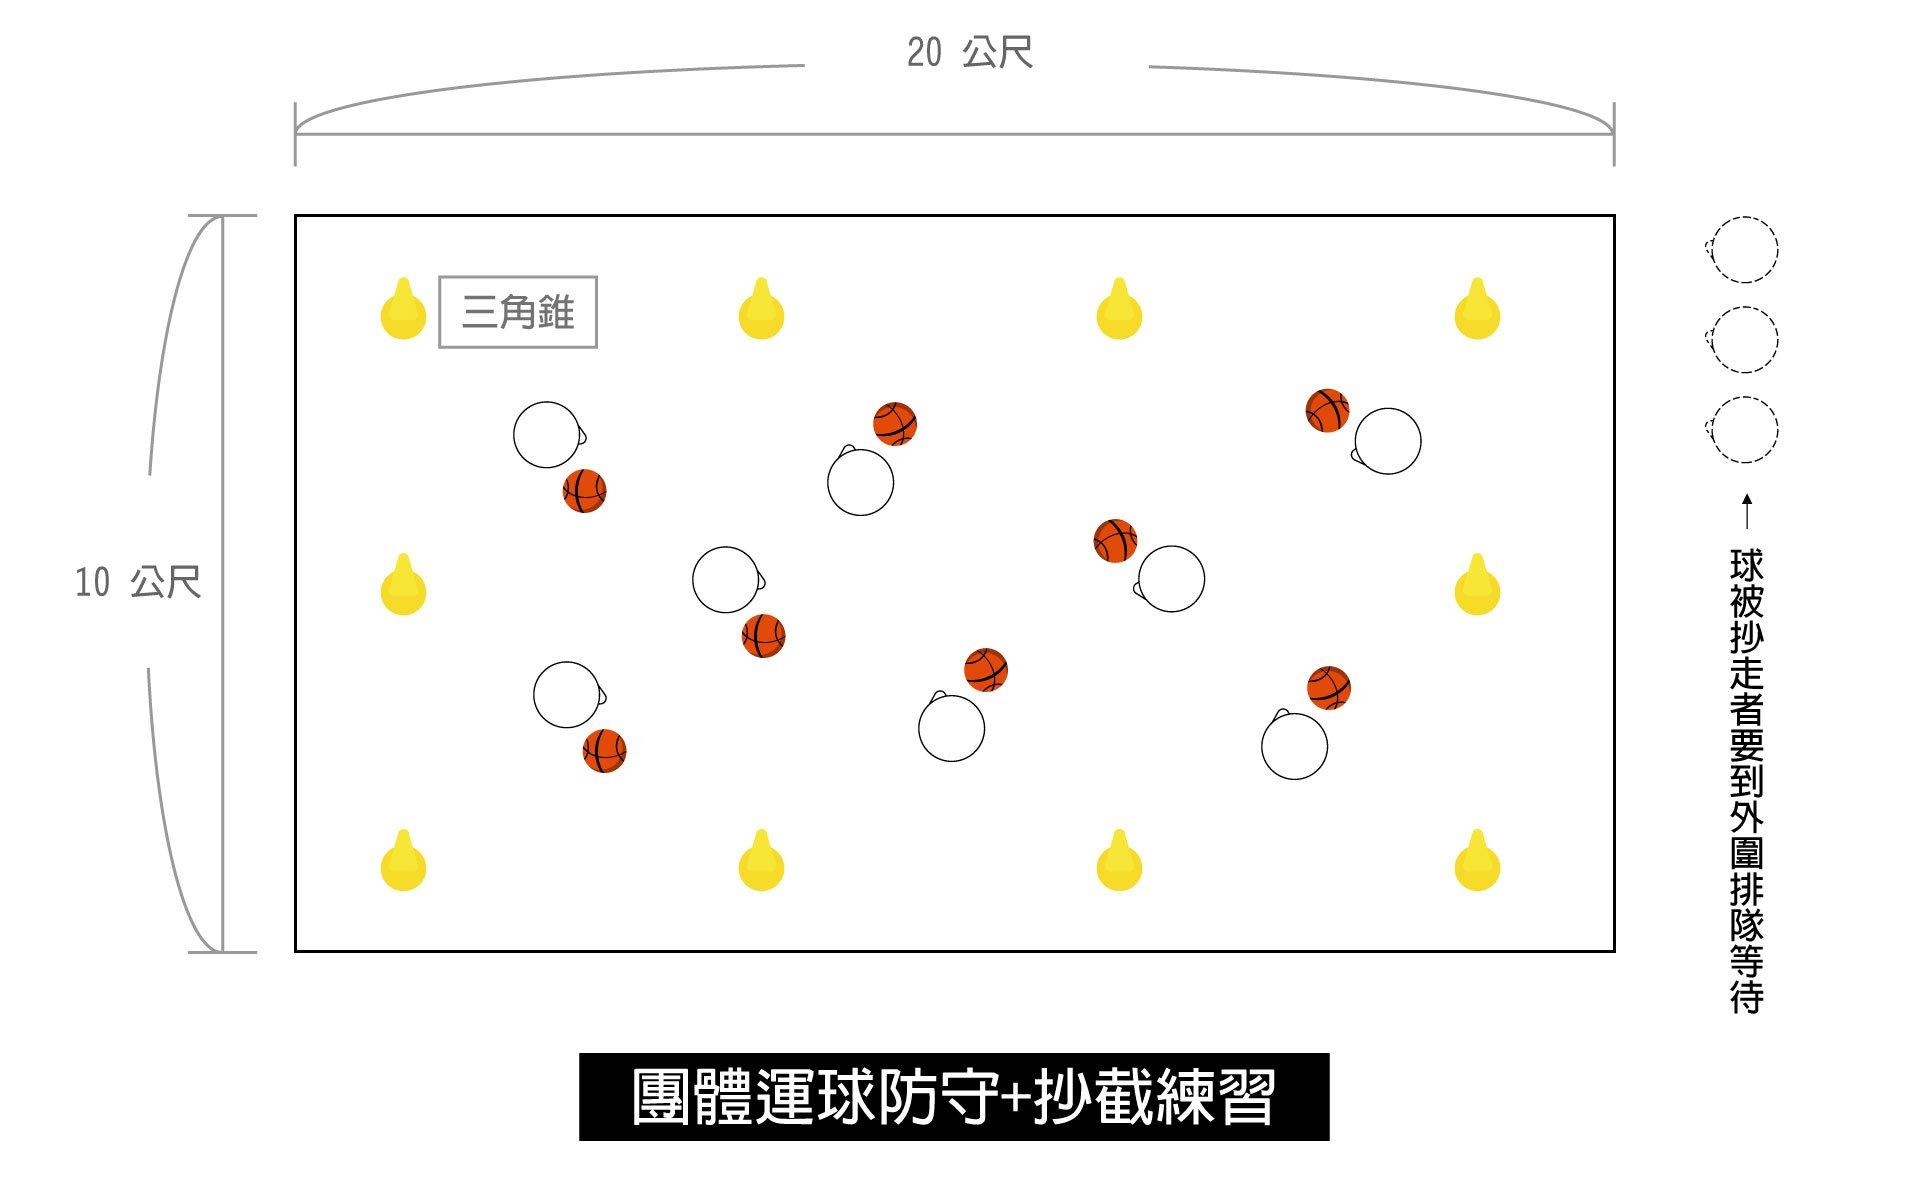 團體運球抄截練習